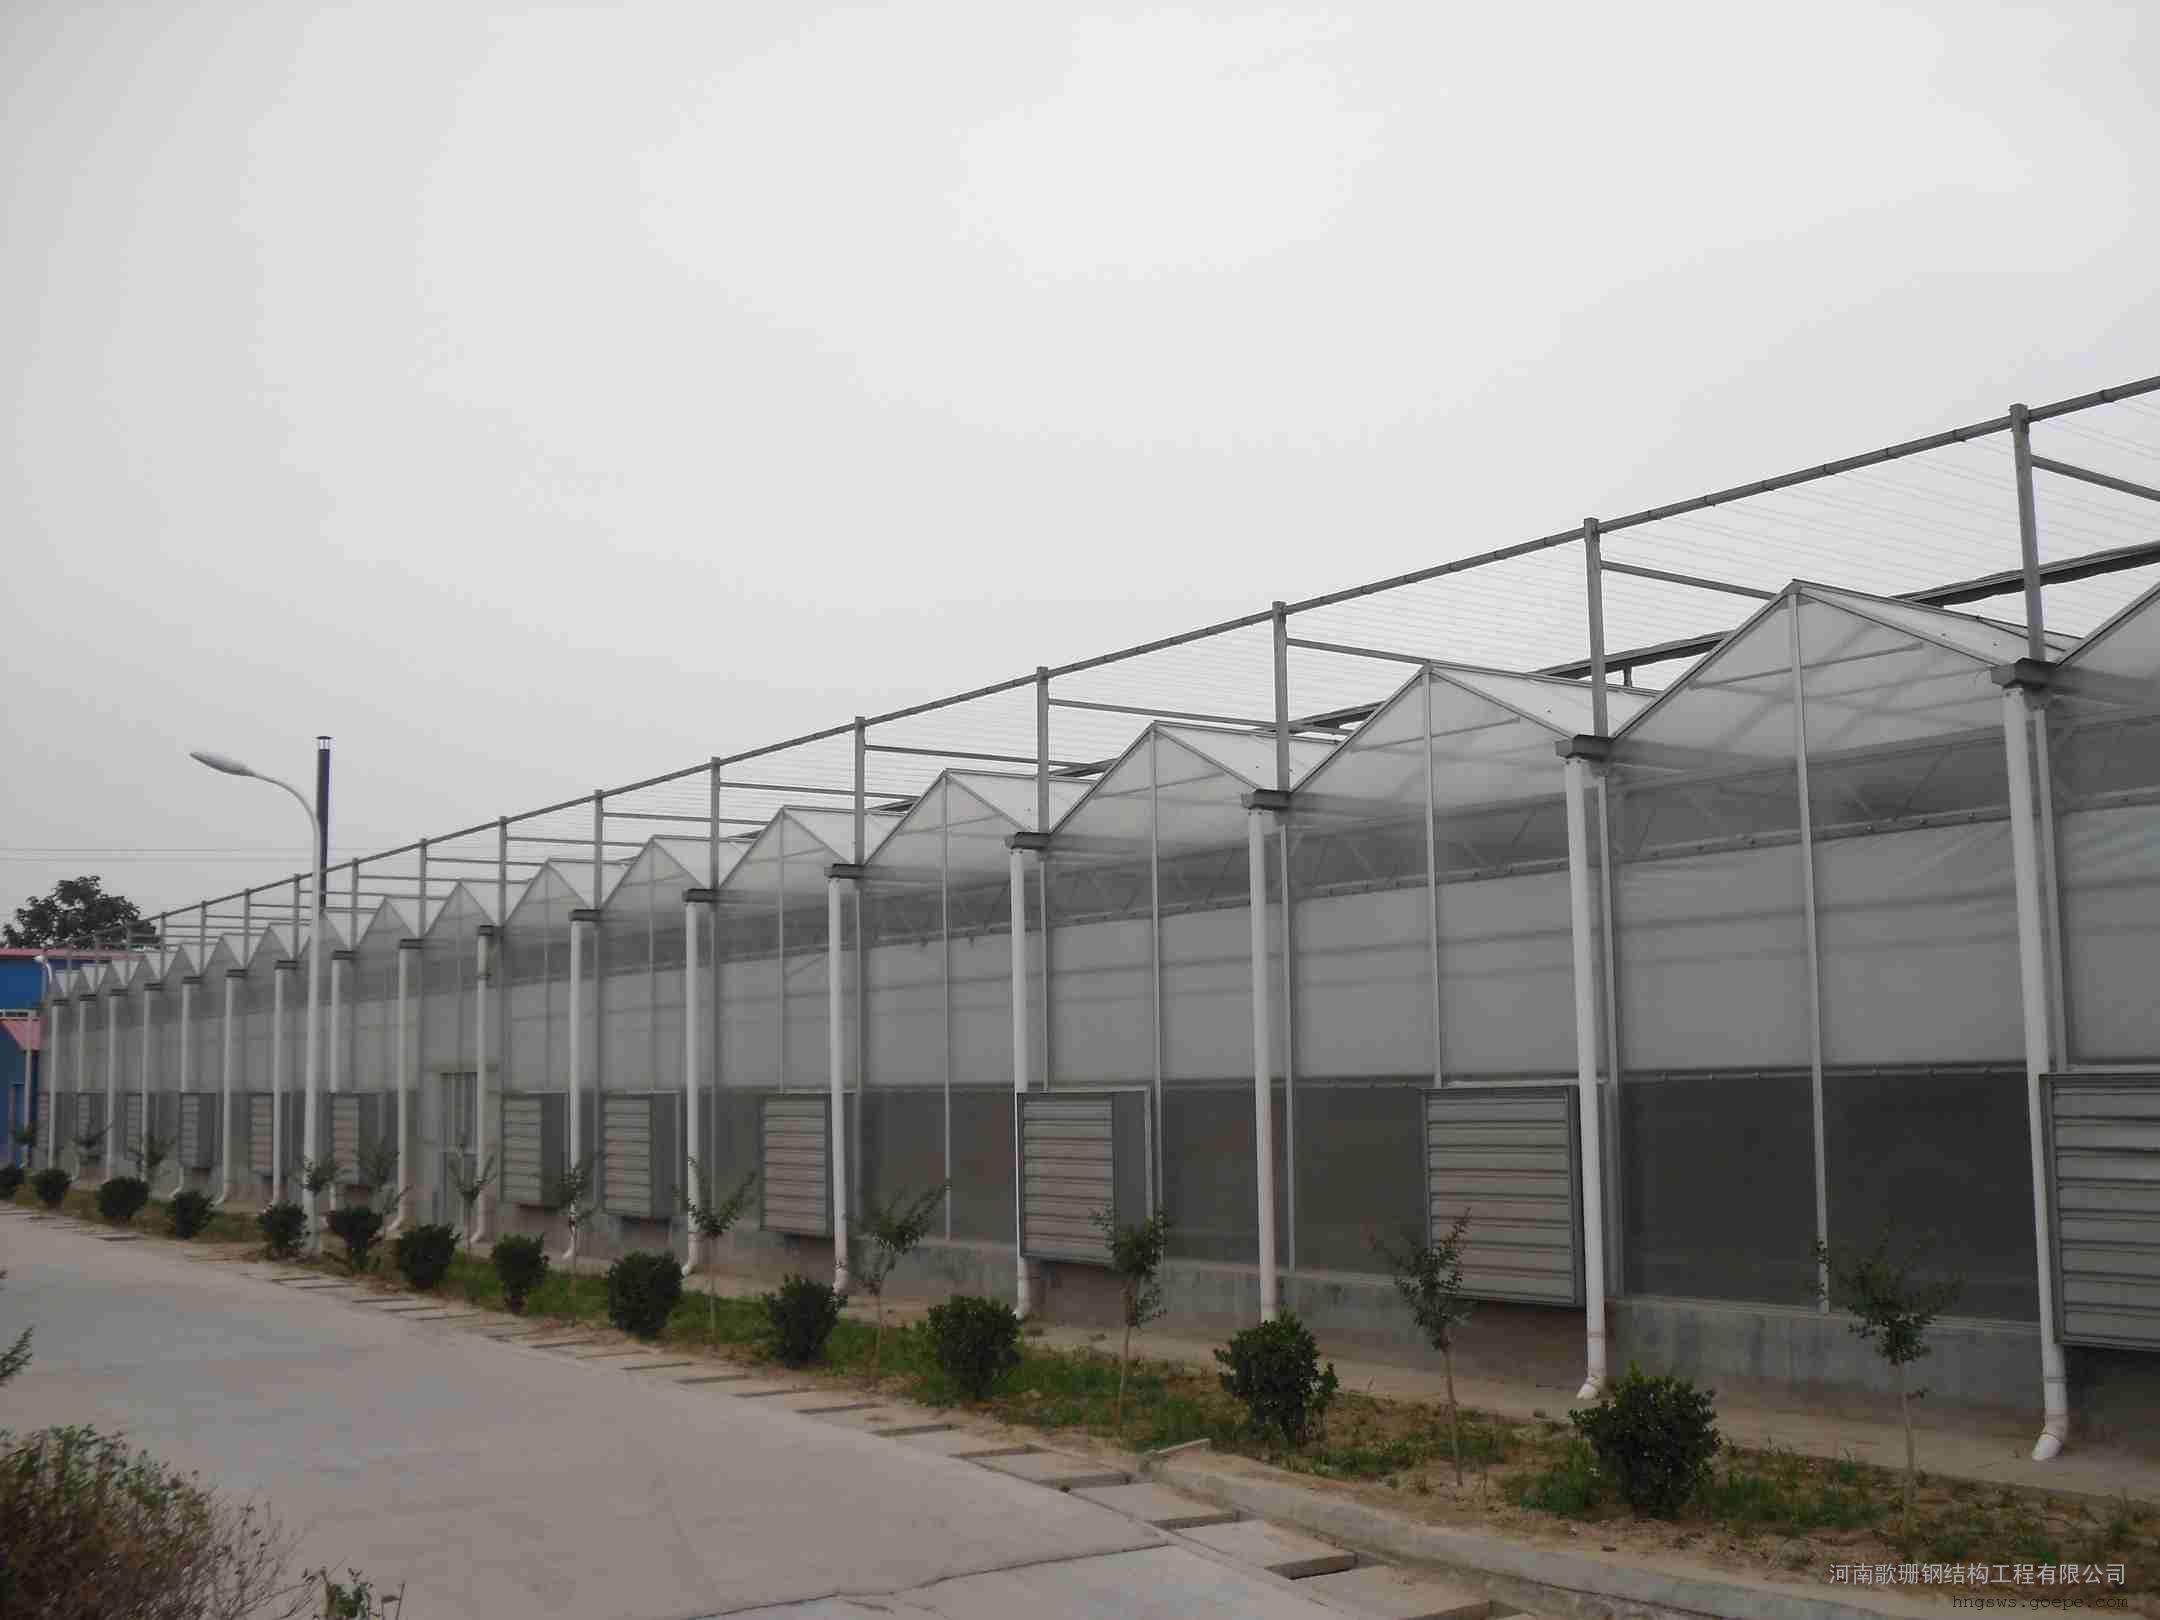 一级施工 甲级设计钢结构|温室大棚图片及价格-山东钢